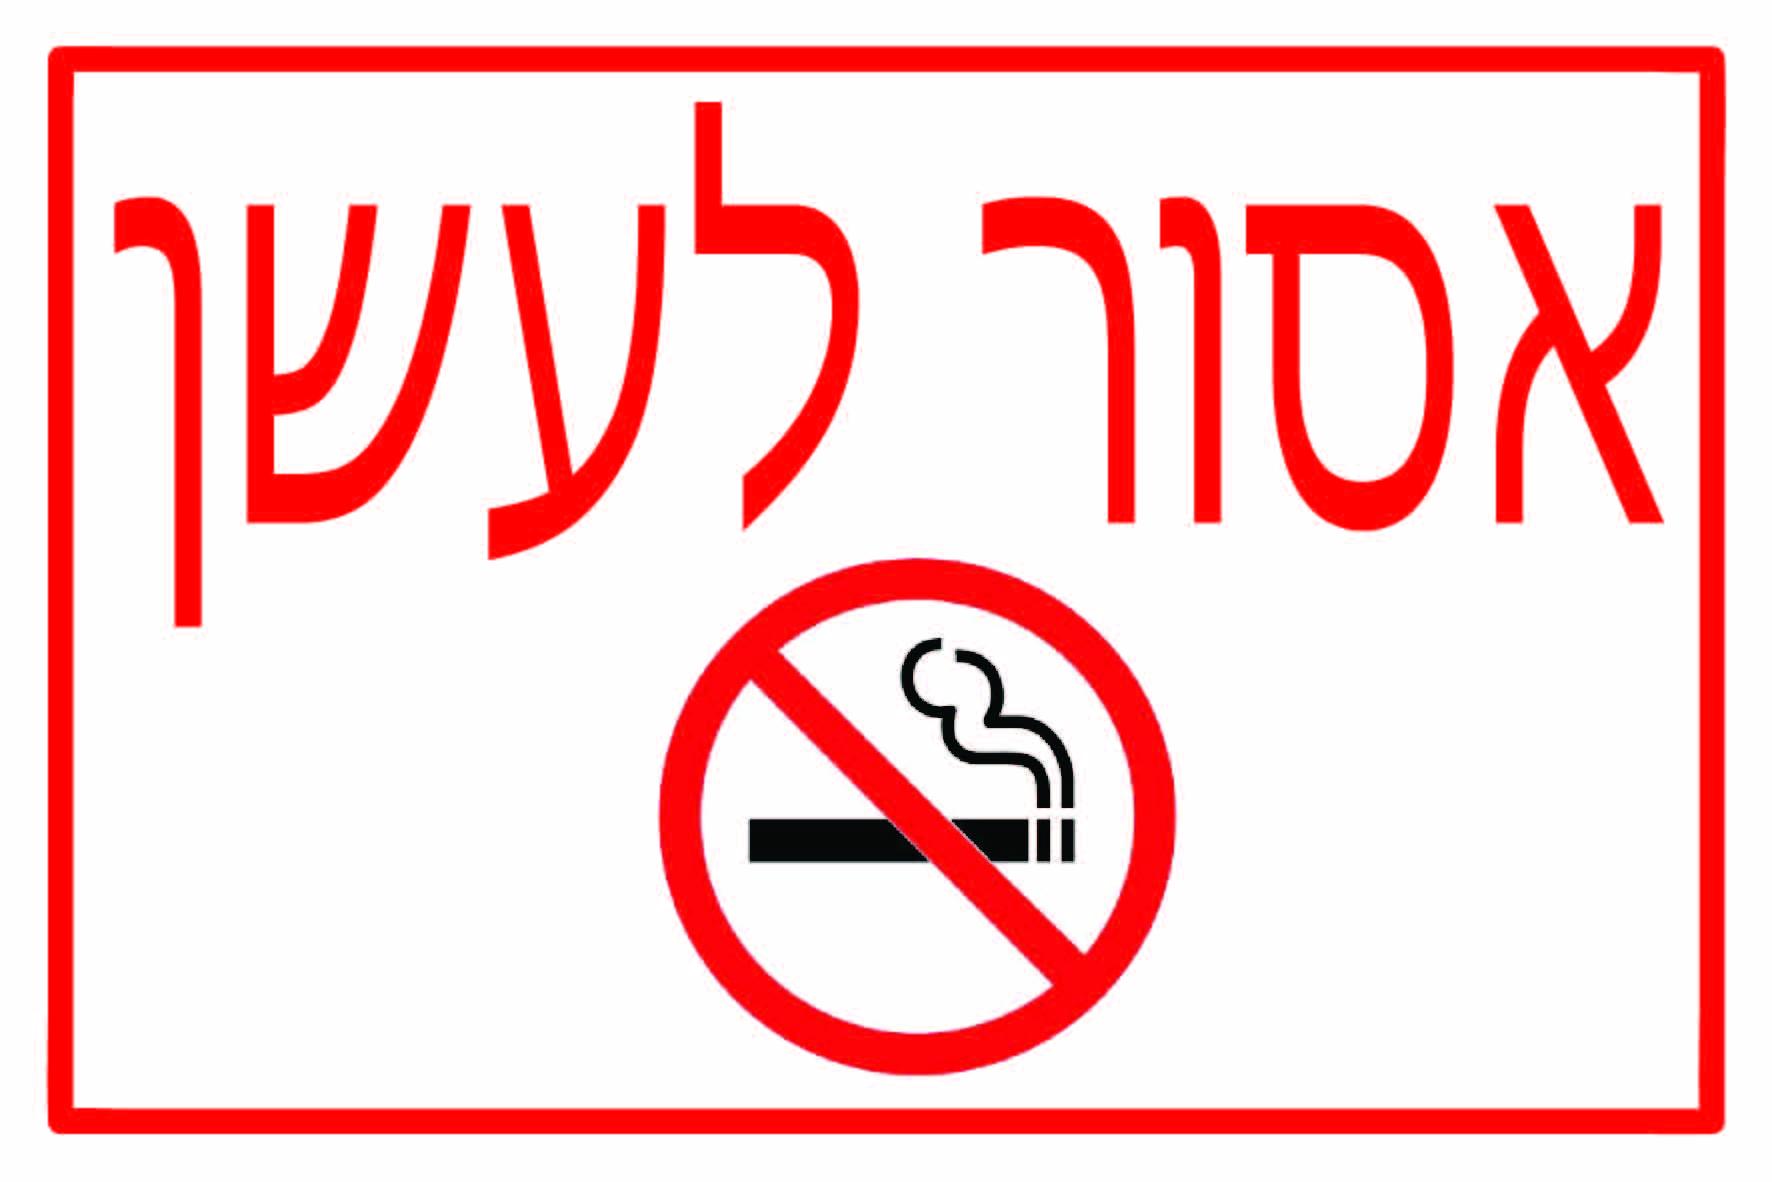 אסור לעשן גדלים לפי דרישה